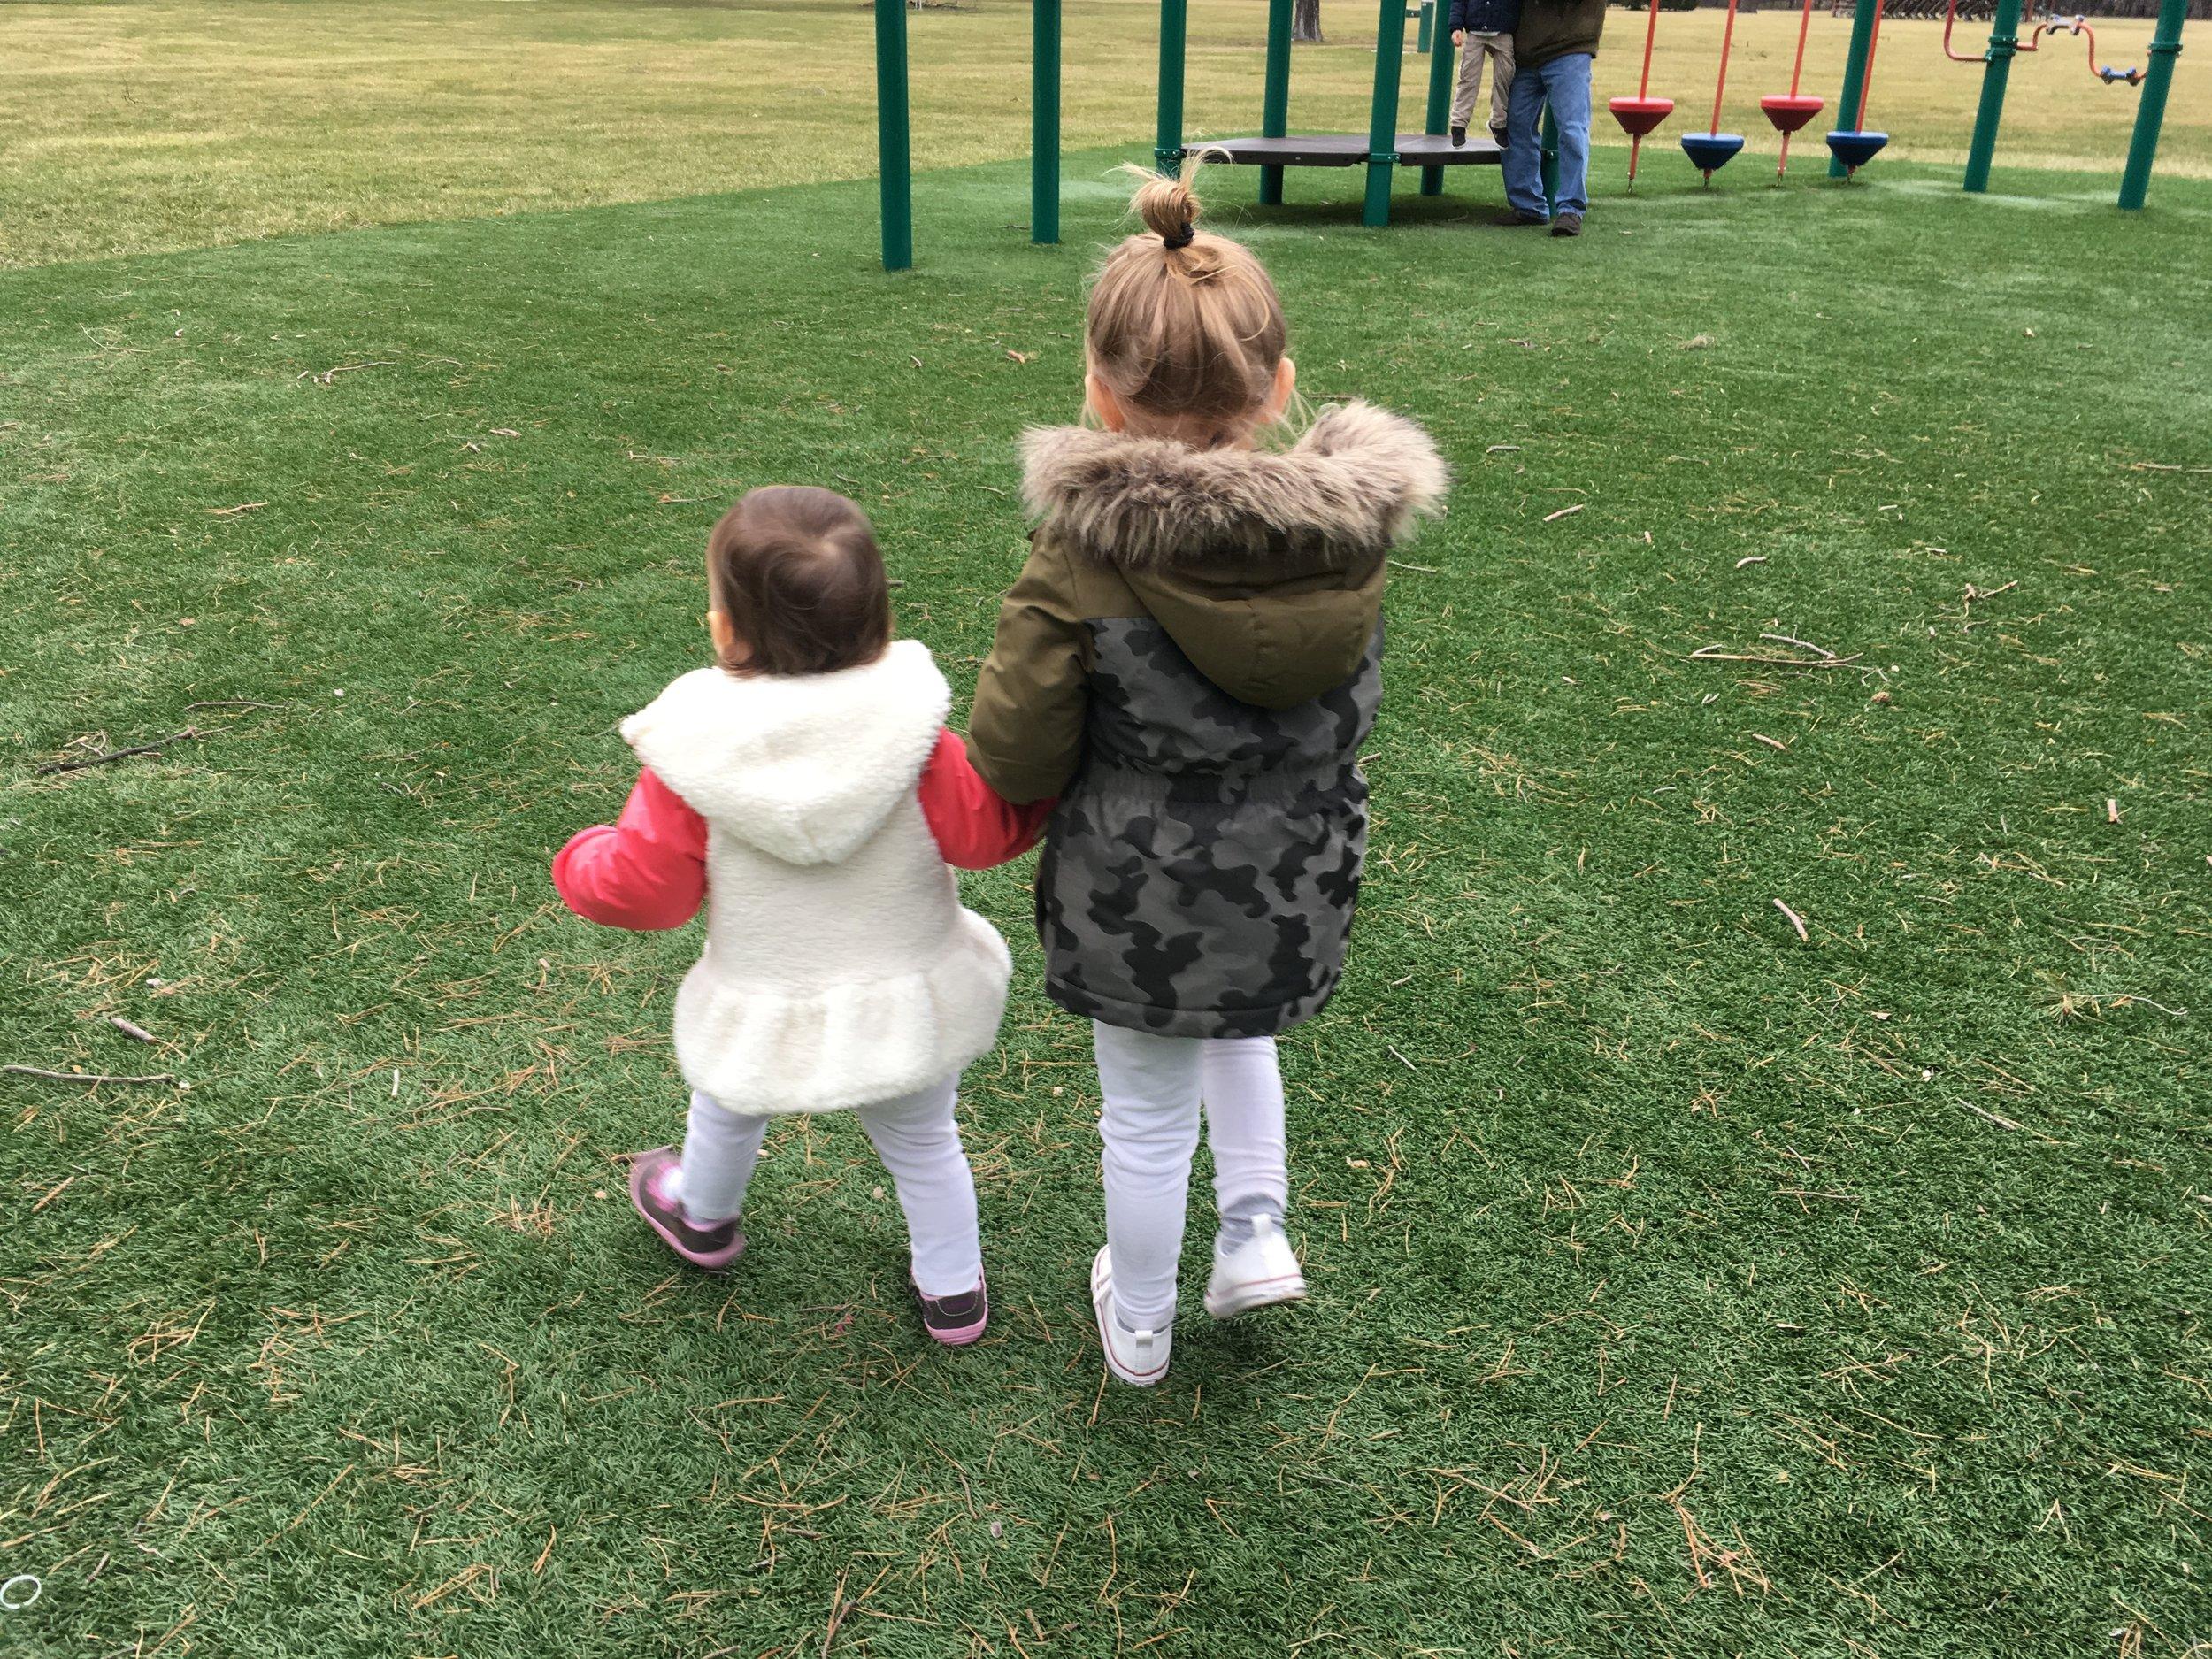 Michelle's kids walking